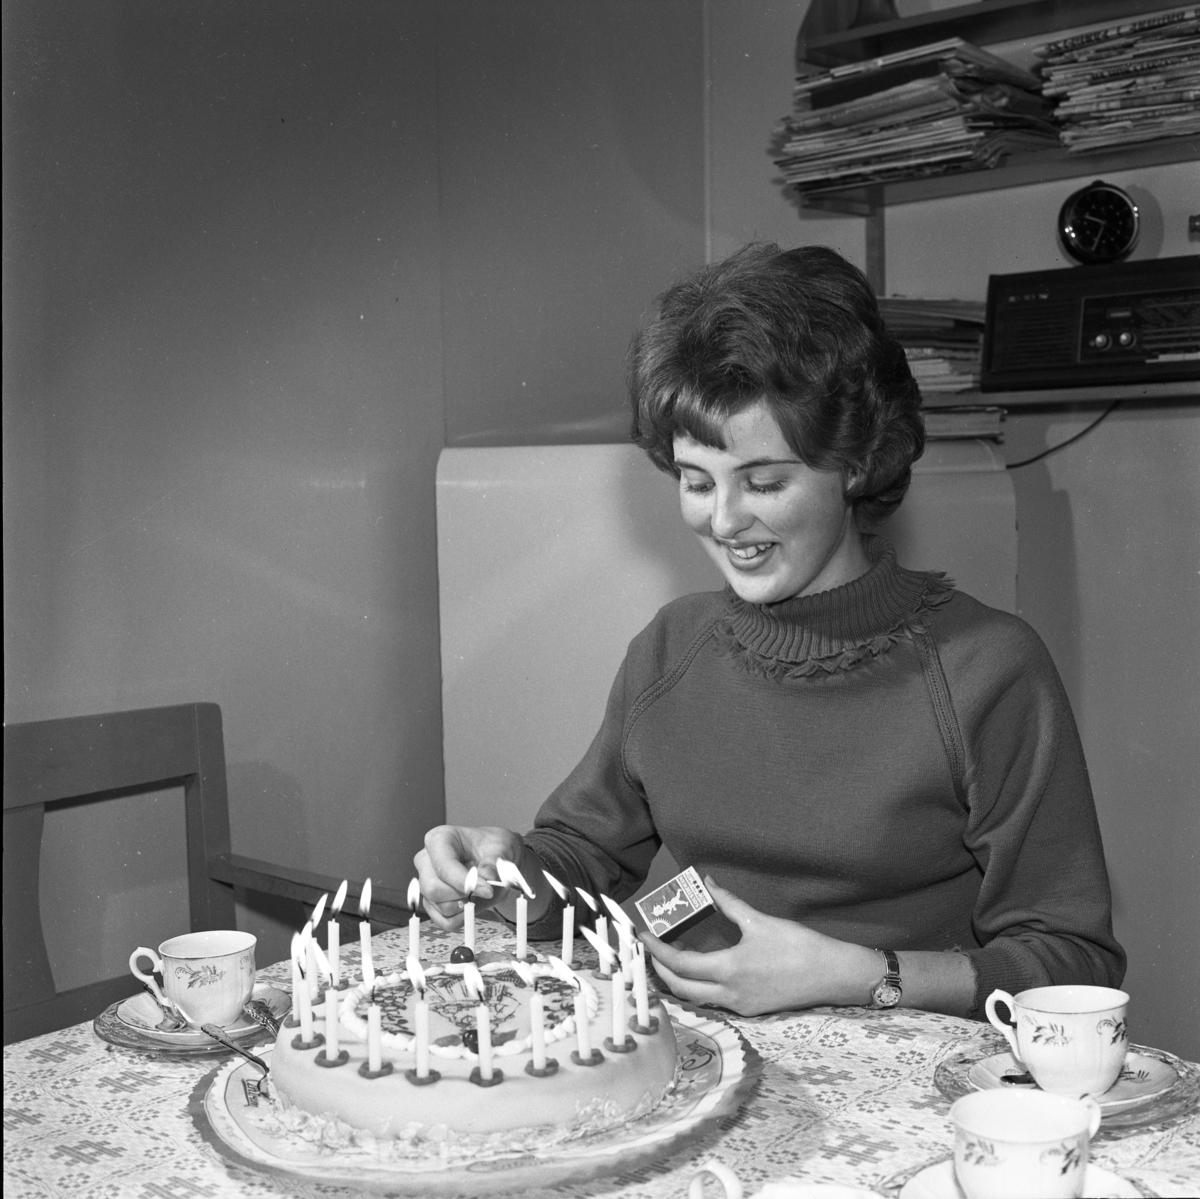 Britt-Marie Gustavsson har valts till årets Lucia. Här firar hon med kaffe och tårta hemma i köket. Bakom hennes rygg står kylskåpet och på en hylla står radion.